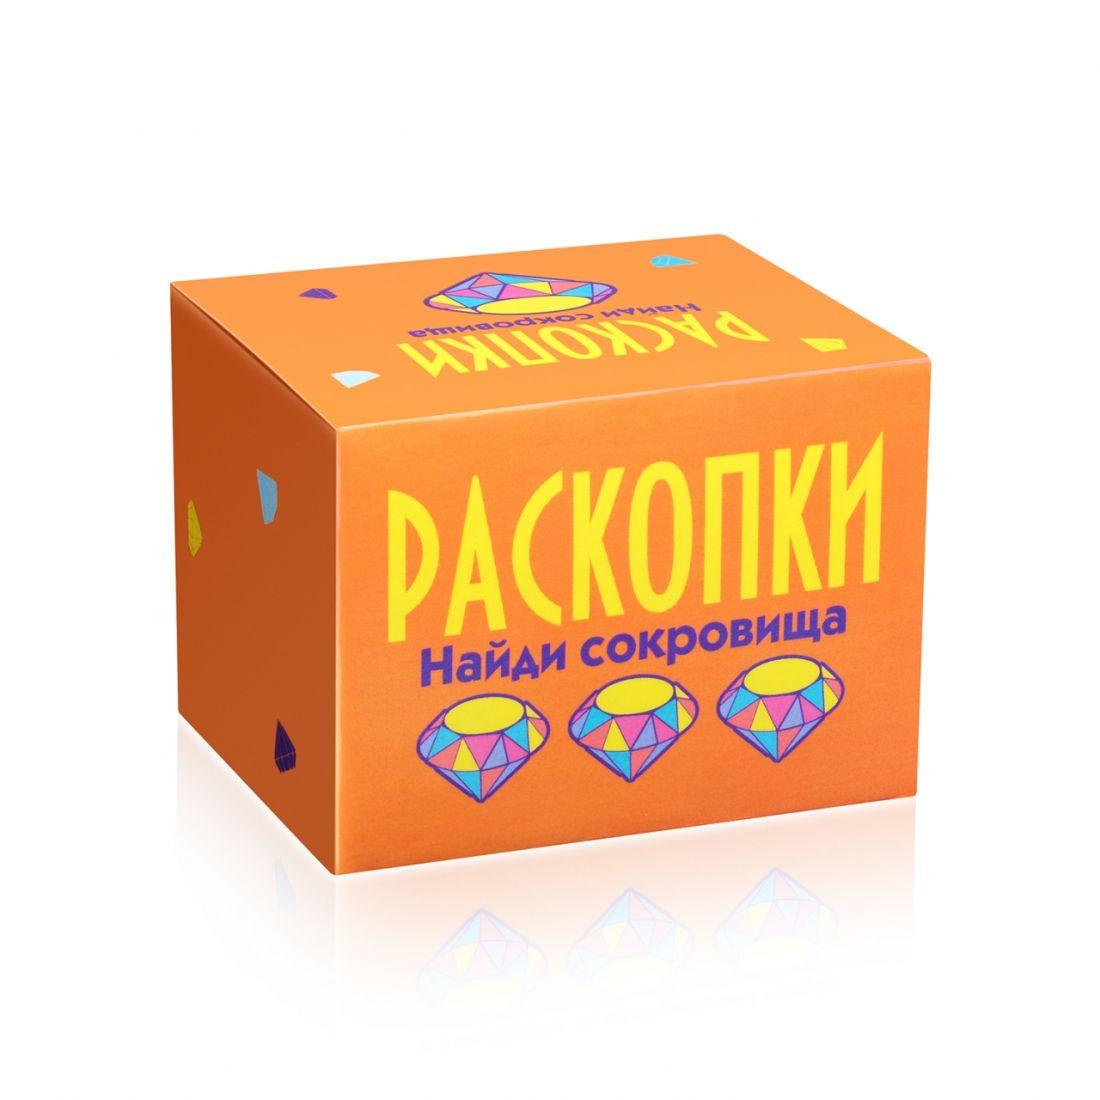 Набор РАСКОПКИ DIG-17 Найди сокровища оранжевый мини